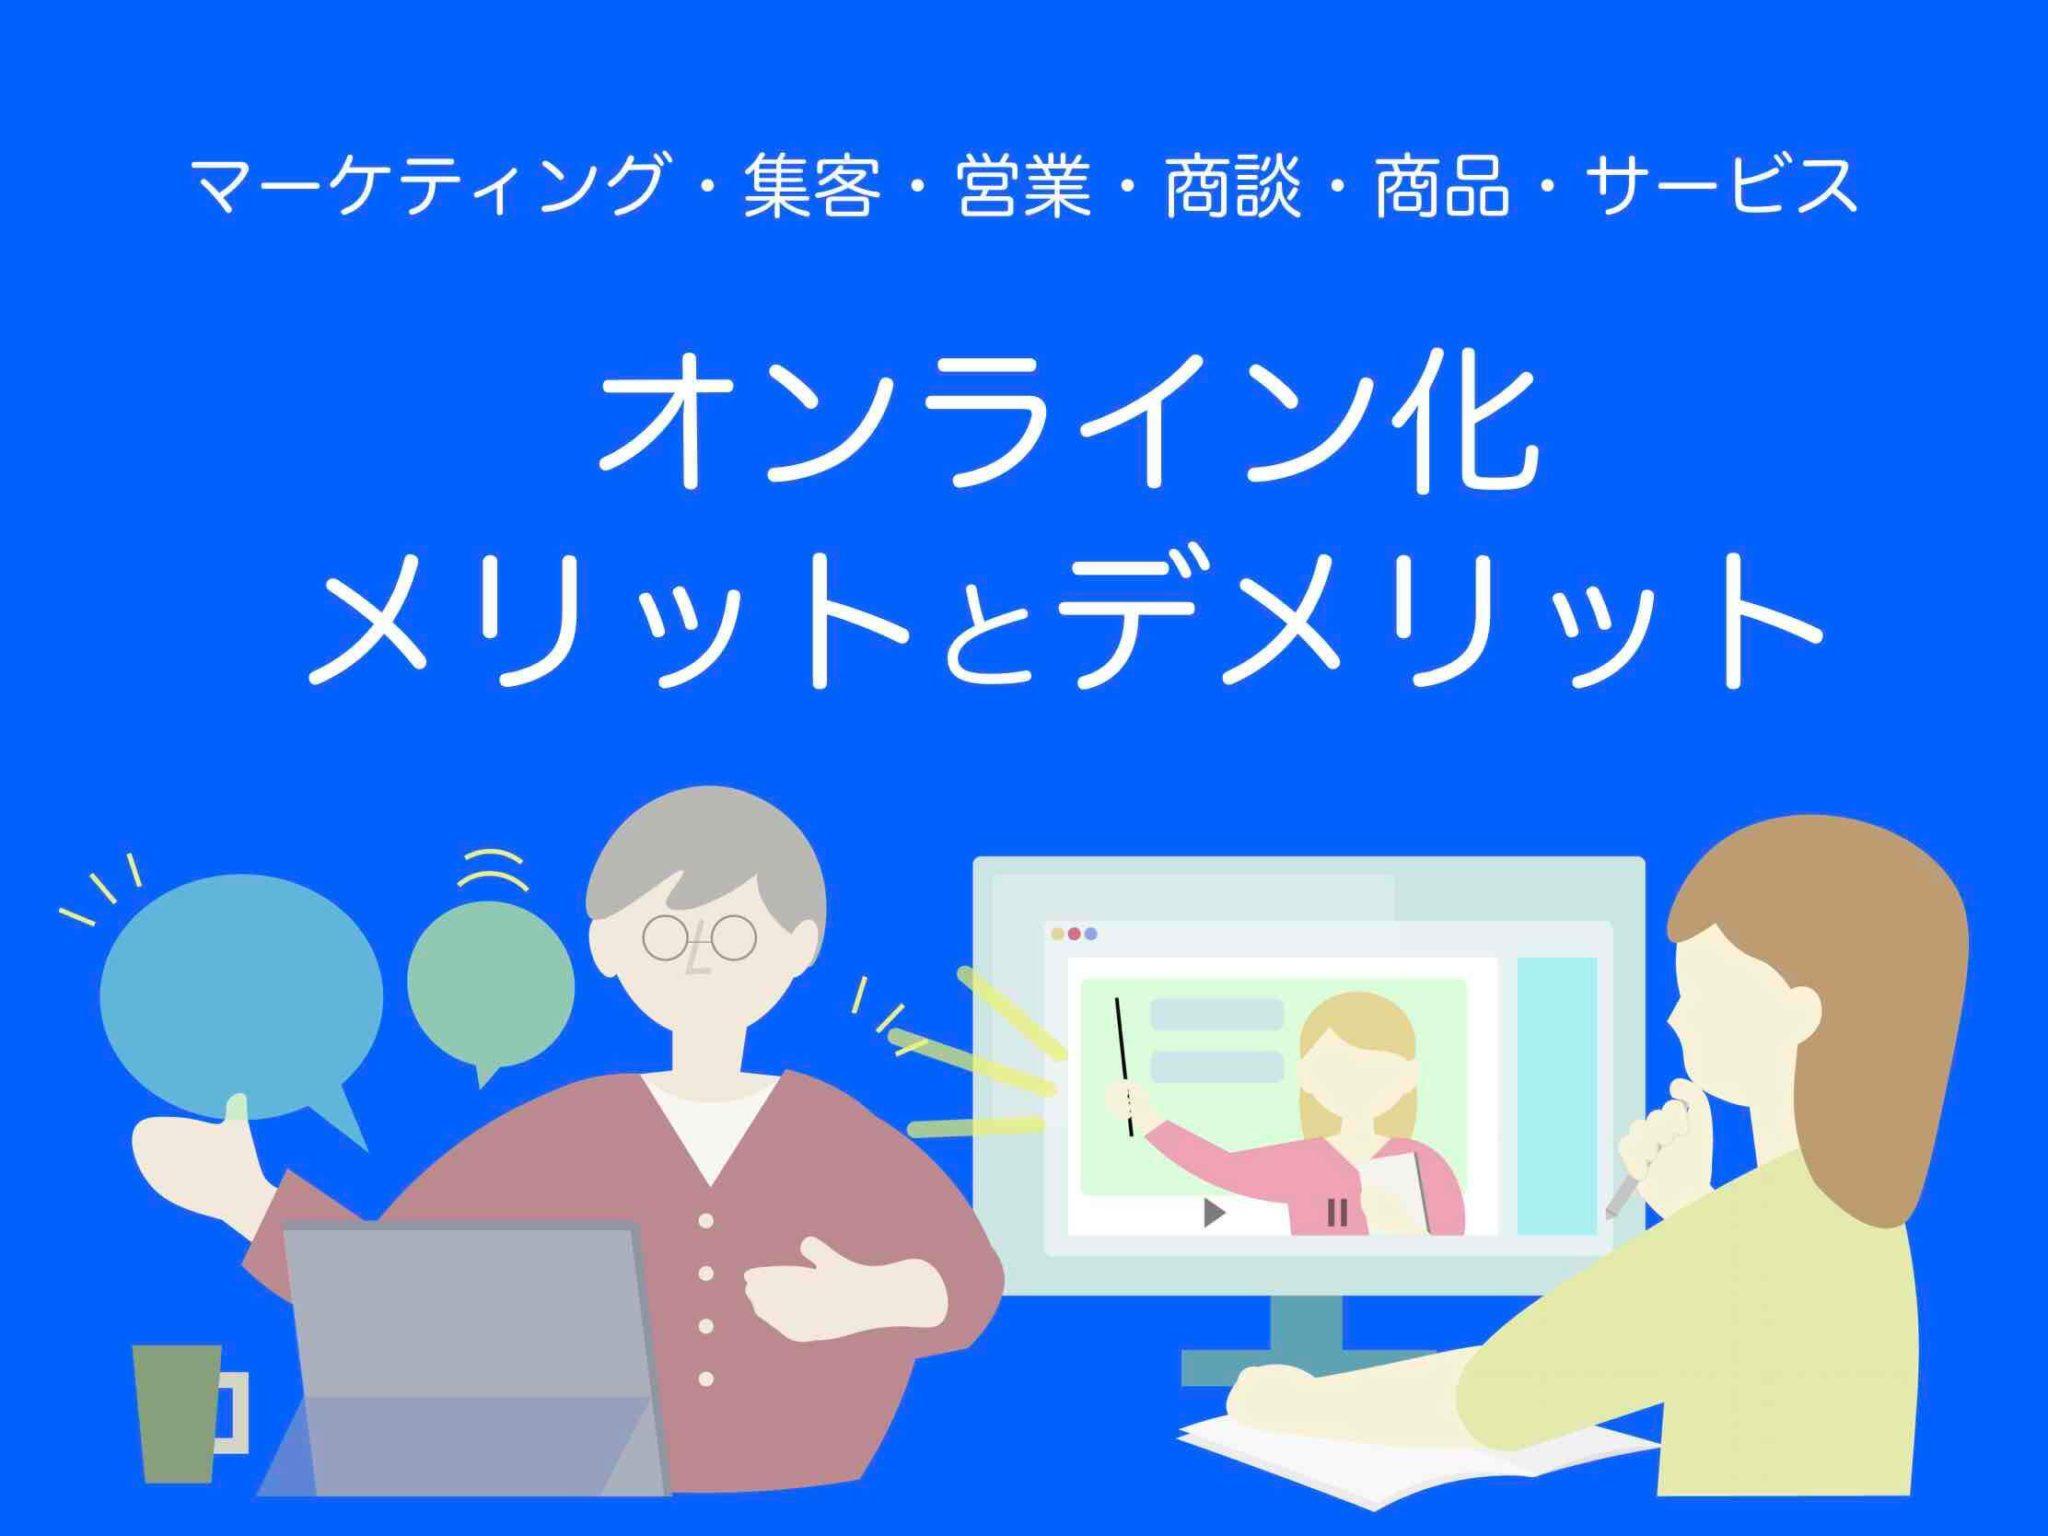 オンライン化のメリットとデメリット